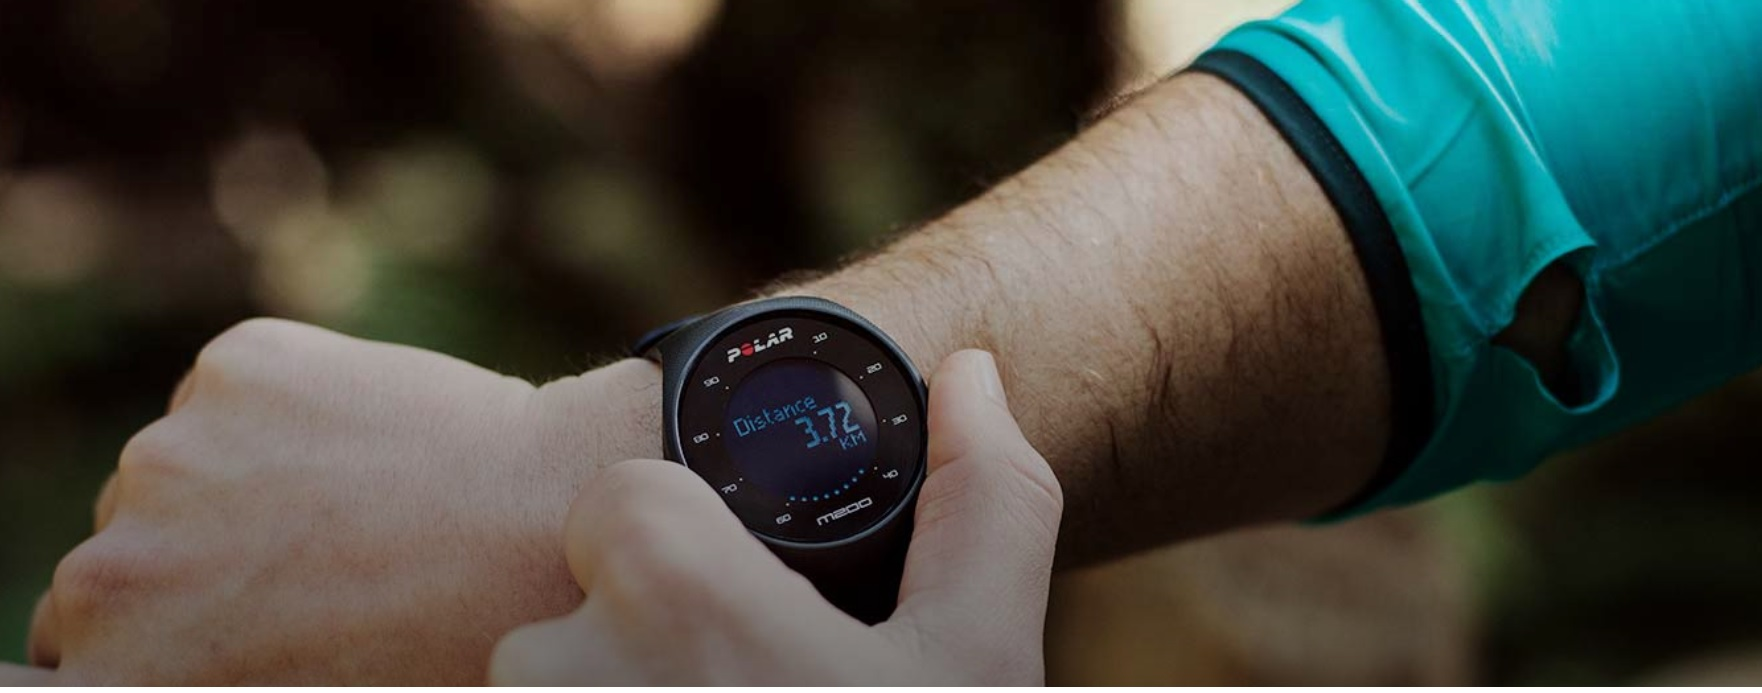 polar pulsometr m200 dla biegaczy